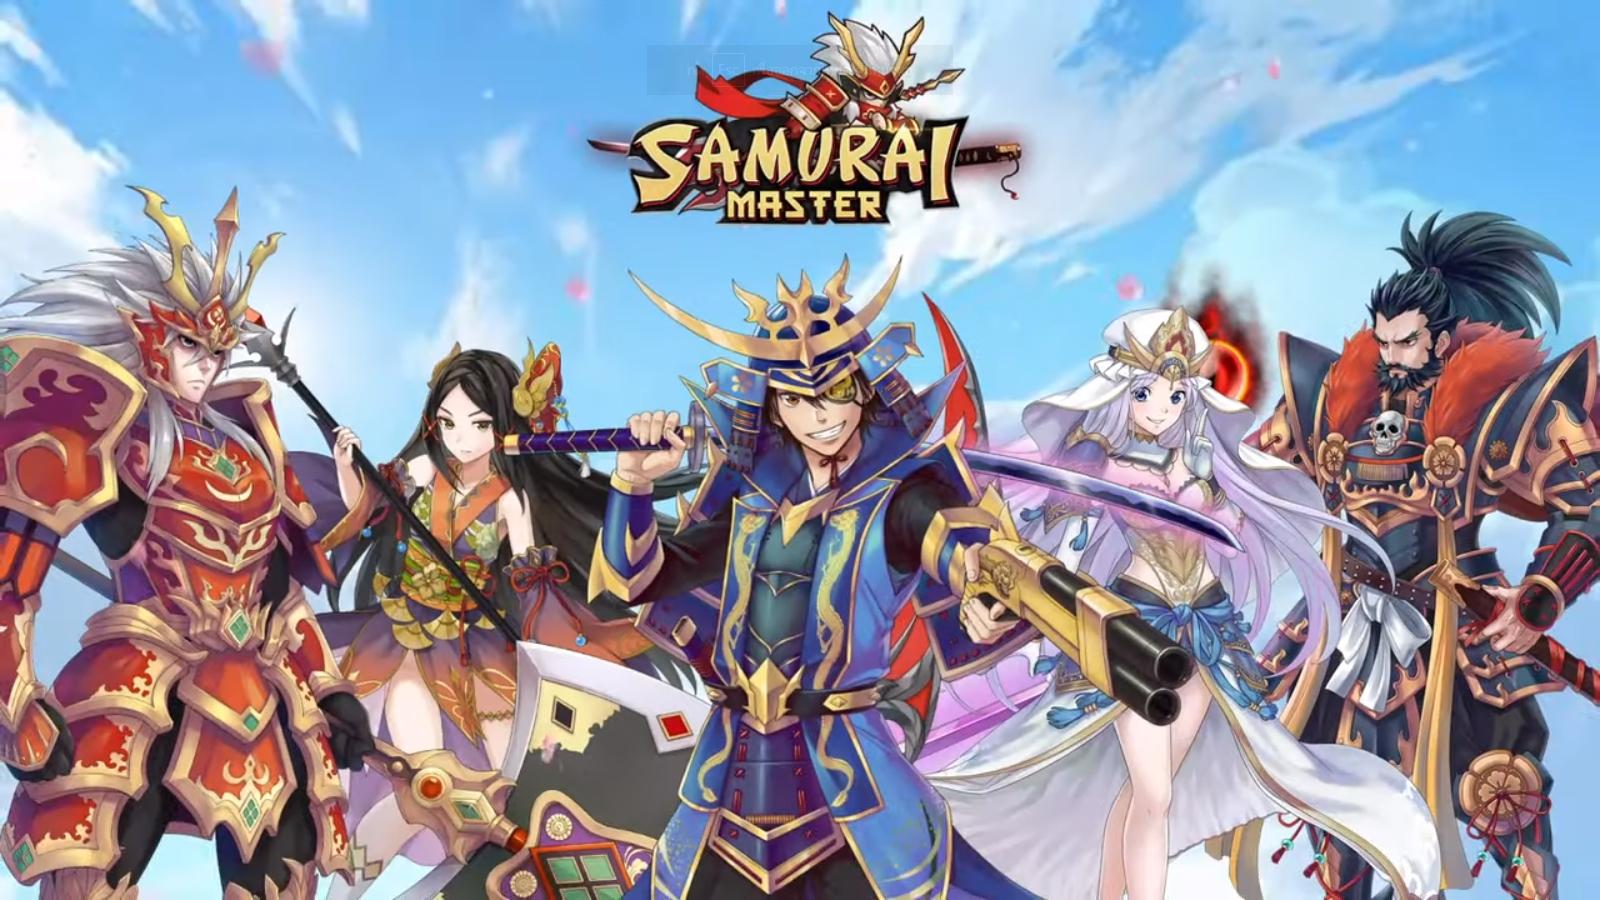 Samurai Master 2672019 0